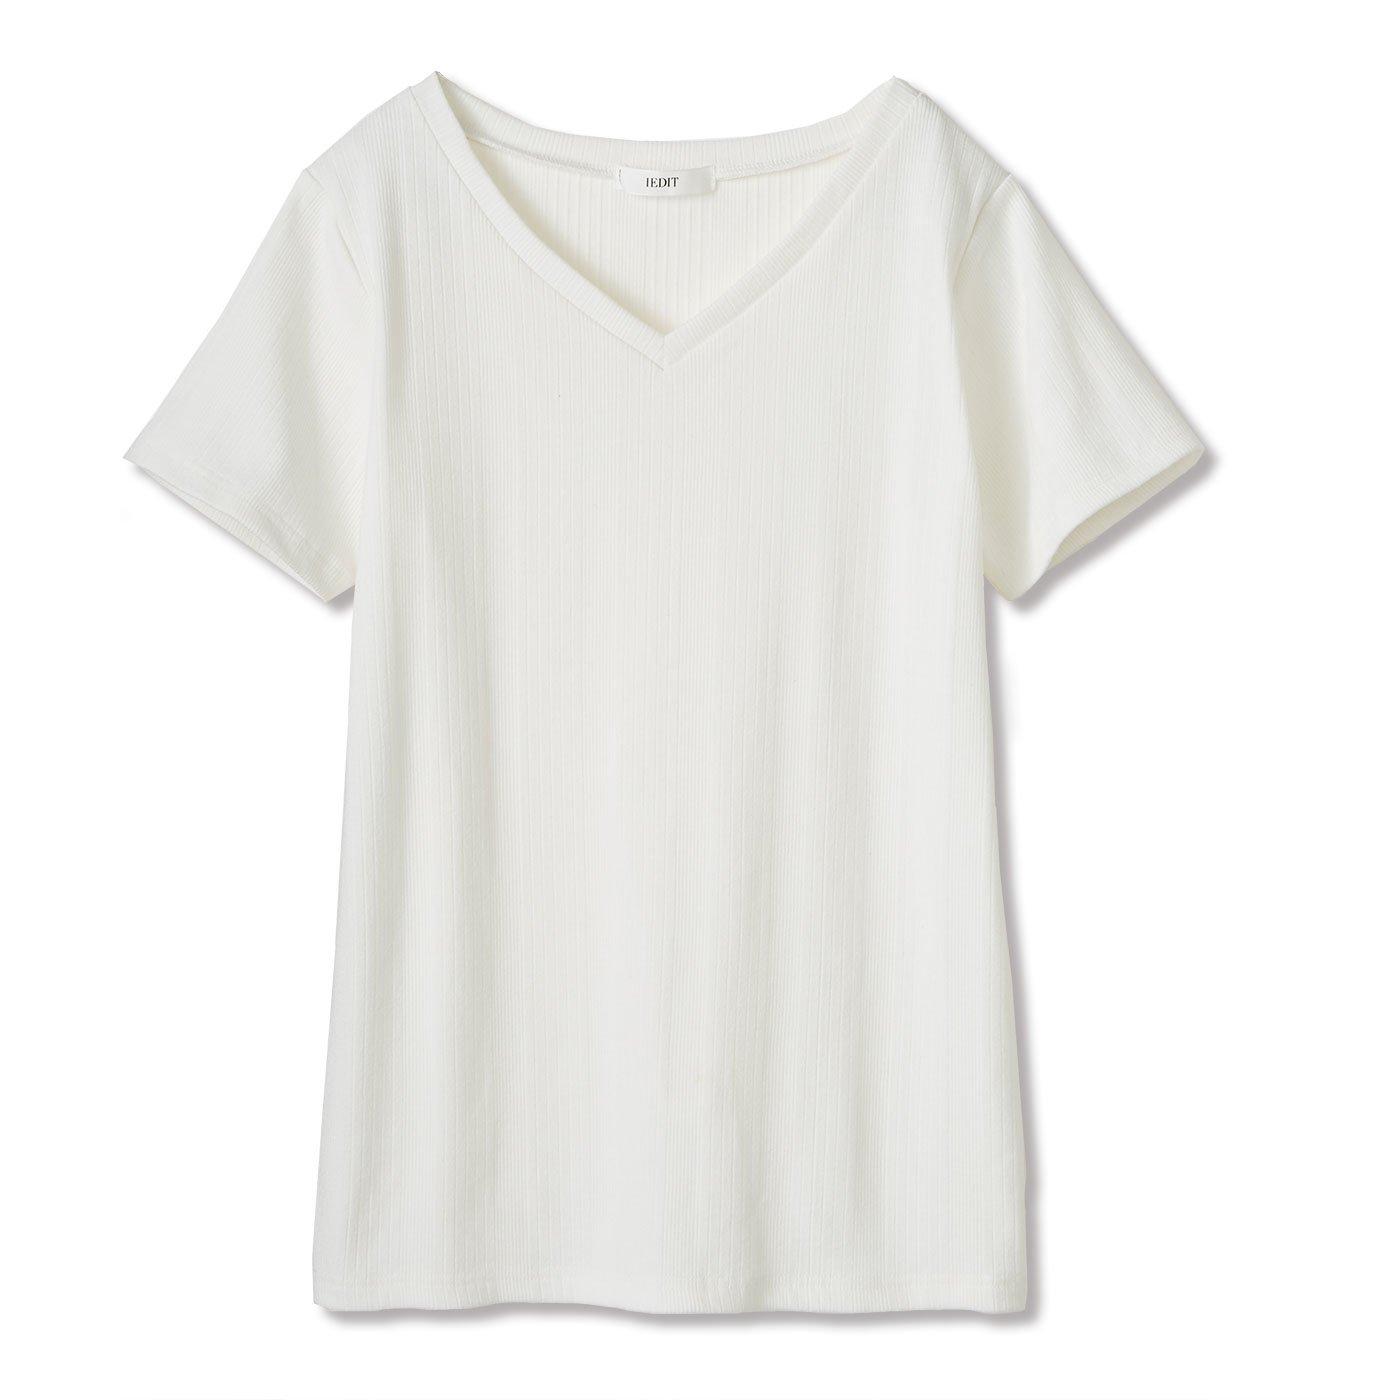 DRECO by IEDIT ランダムテレコリブカットソーのヘビロテTシャツ〈オフホワイト〉